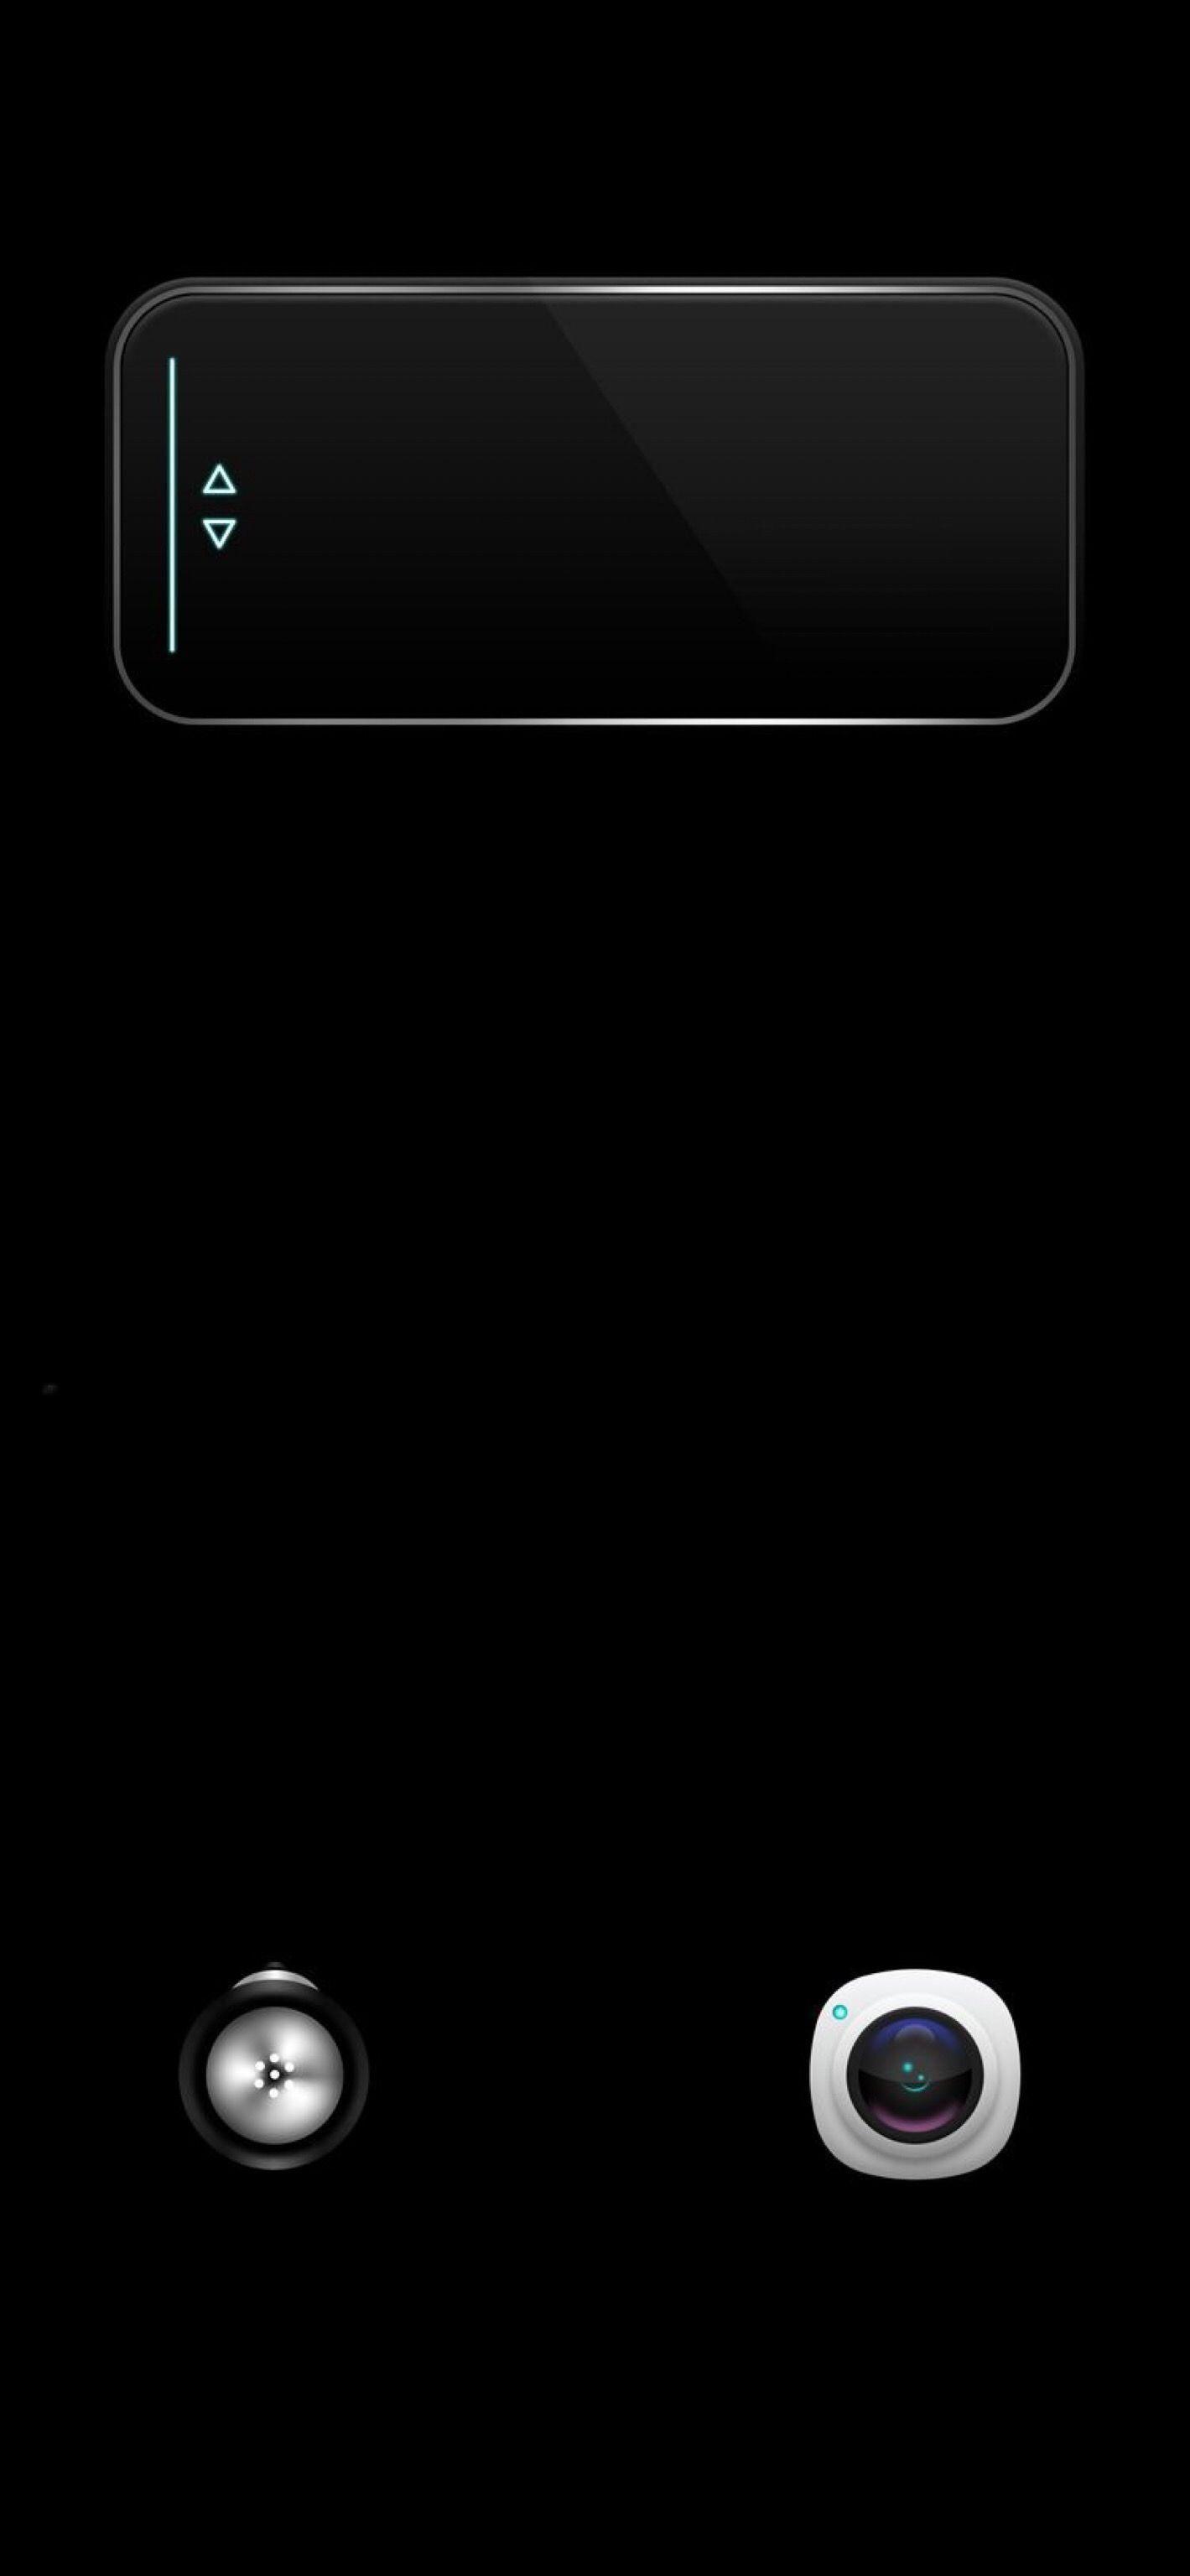 Iphone X Xr Xs 11 Wallpaper Lock Screen Lock Screen Wallpaper Hd Lock Screen Wallpaper Iphone Screen Wallpaper Hd